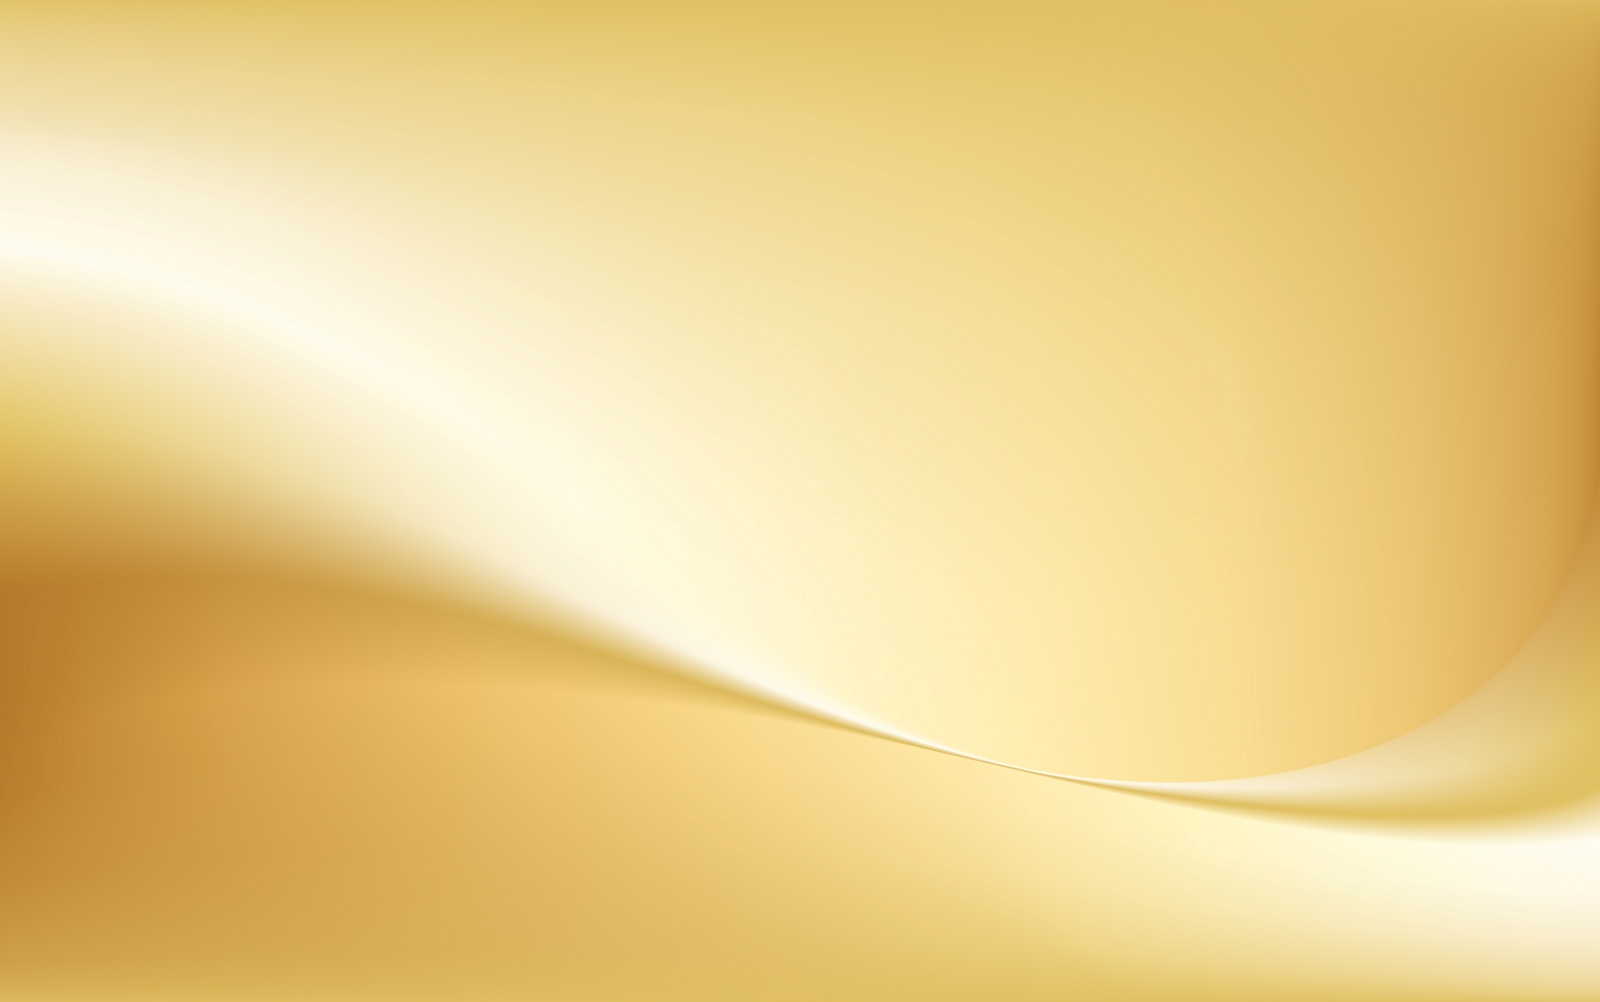 Gold Wallpaper 2825 1600x1002 Px HDWallSource